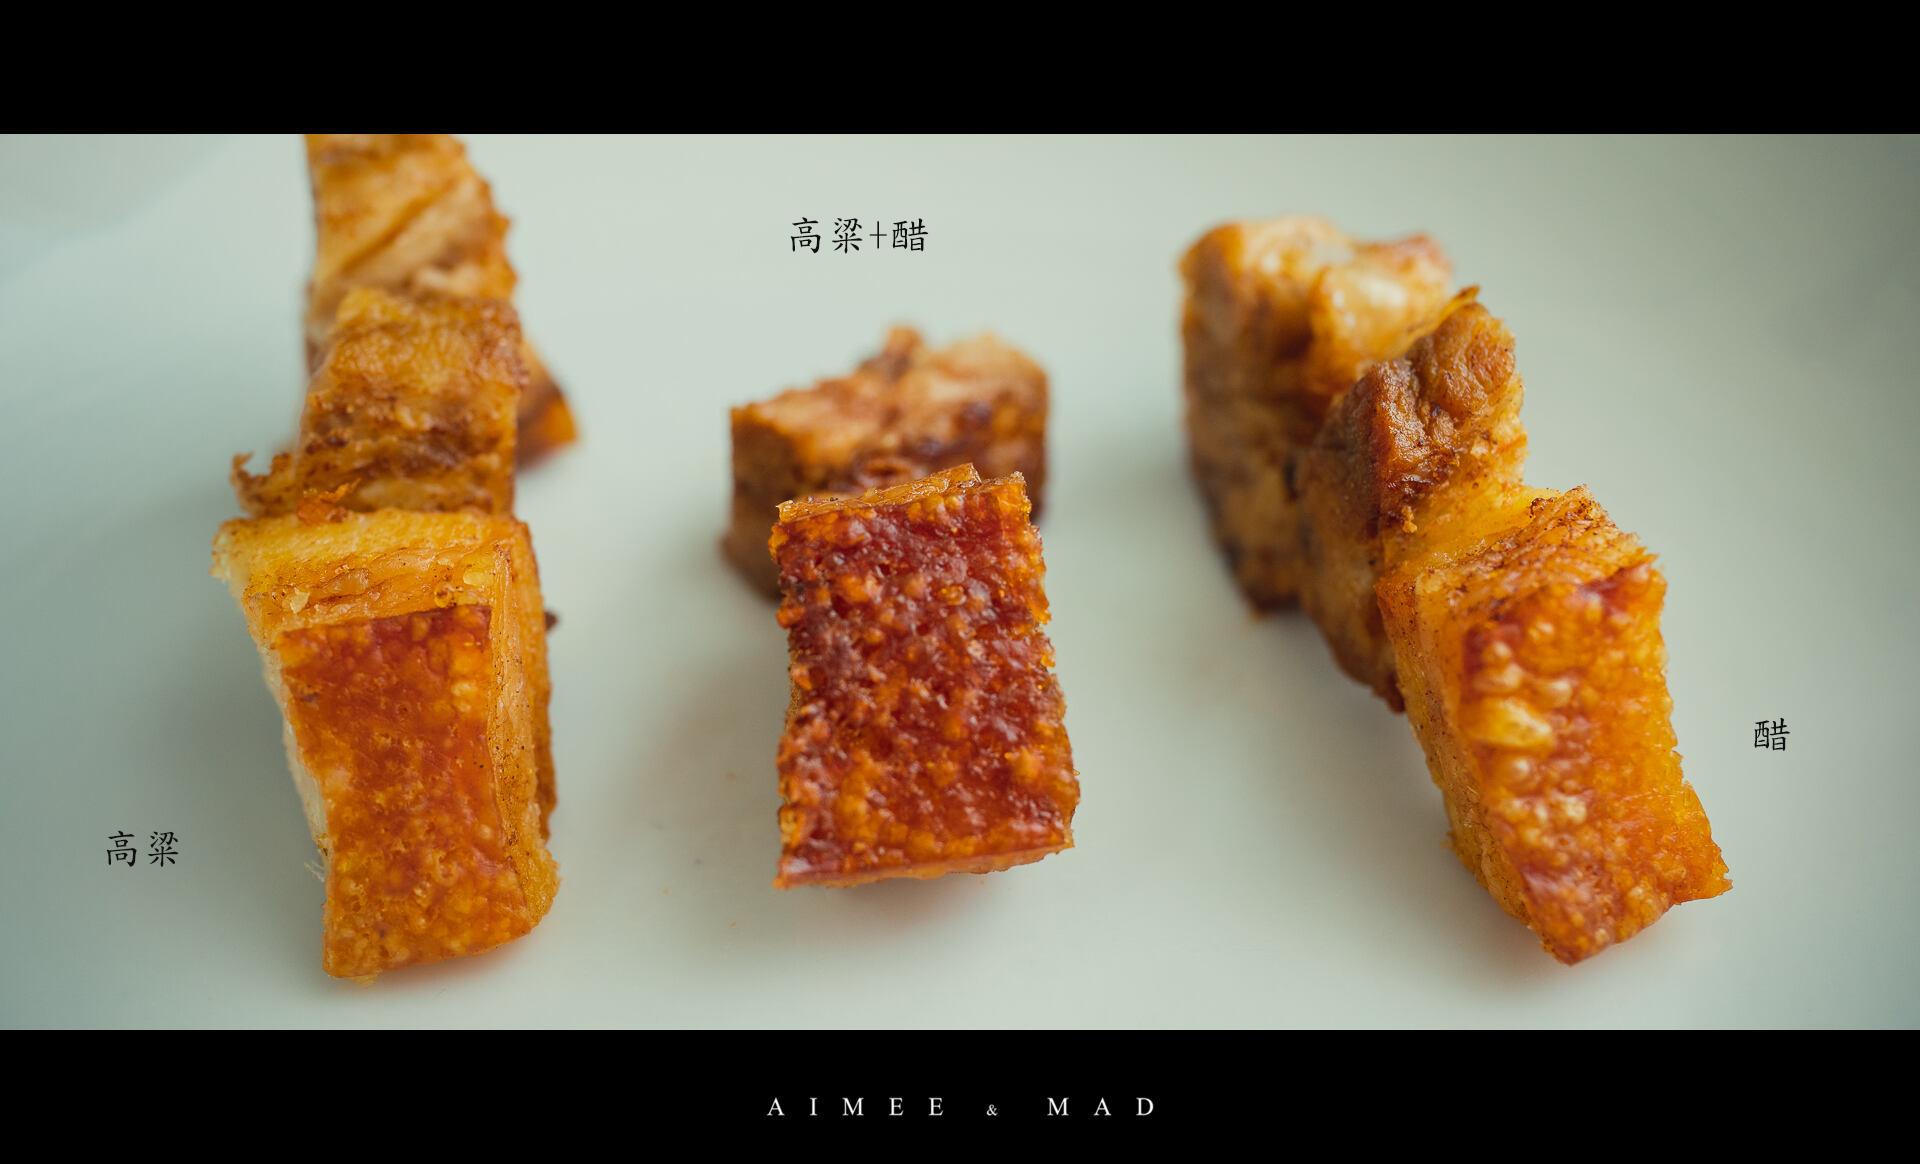 【脆皮燒肉】豬皮抹什麼、烤多久最脆?3+1種試驗方法,告訴你口感如何!